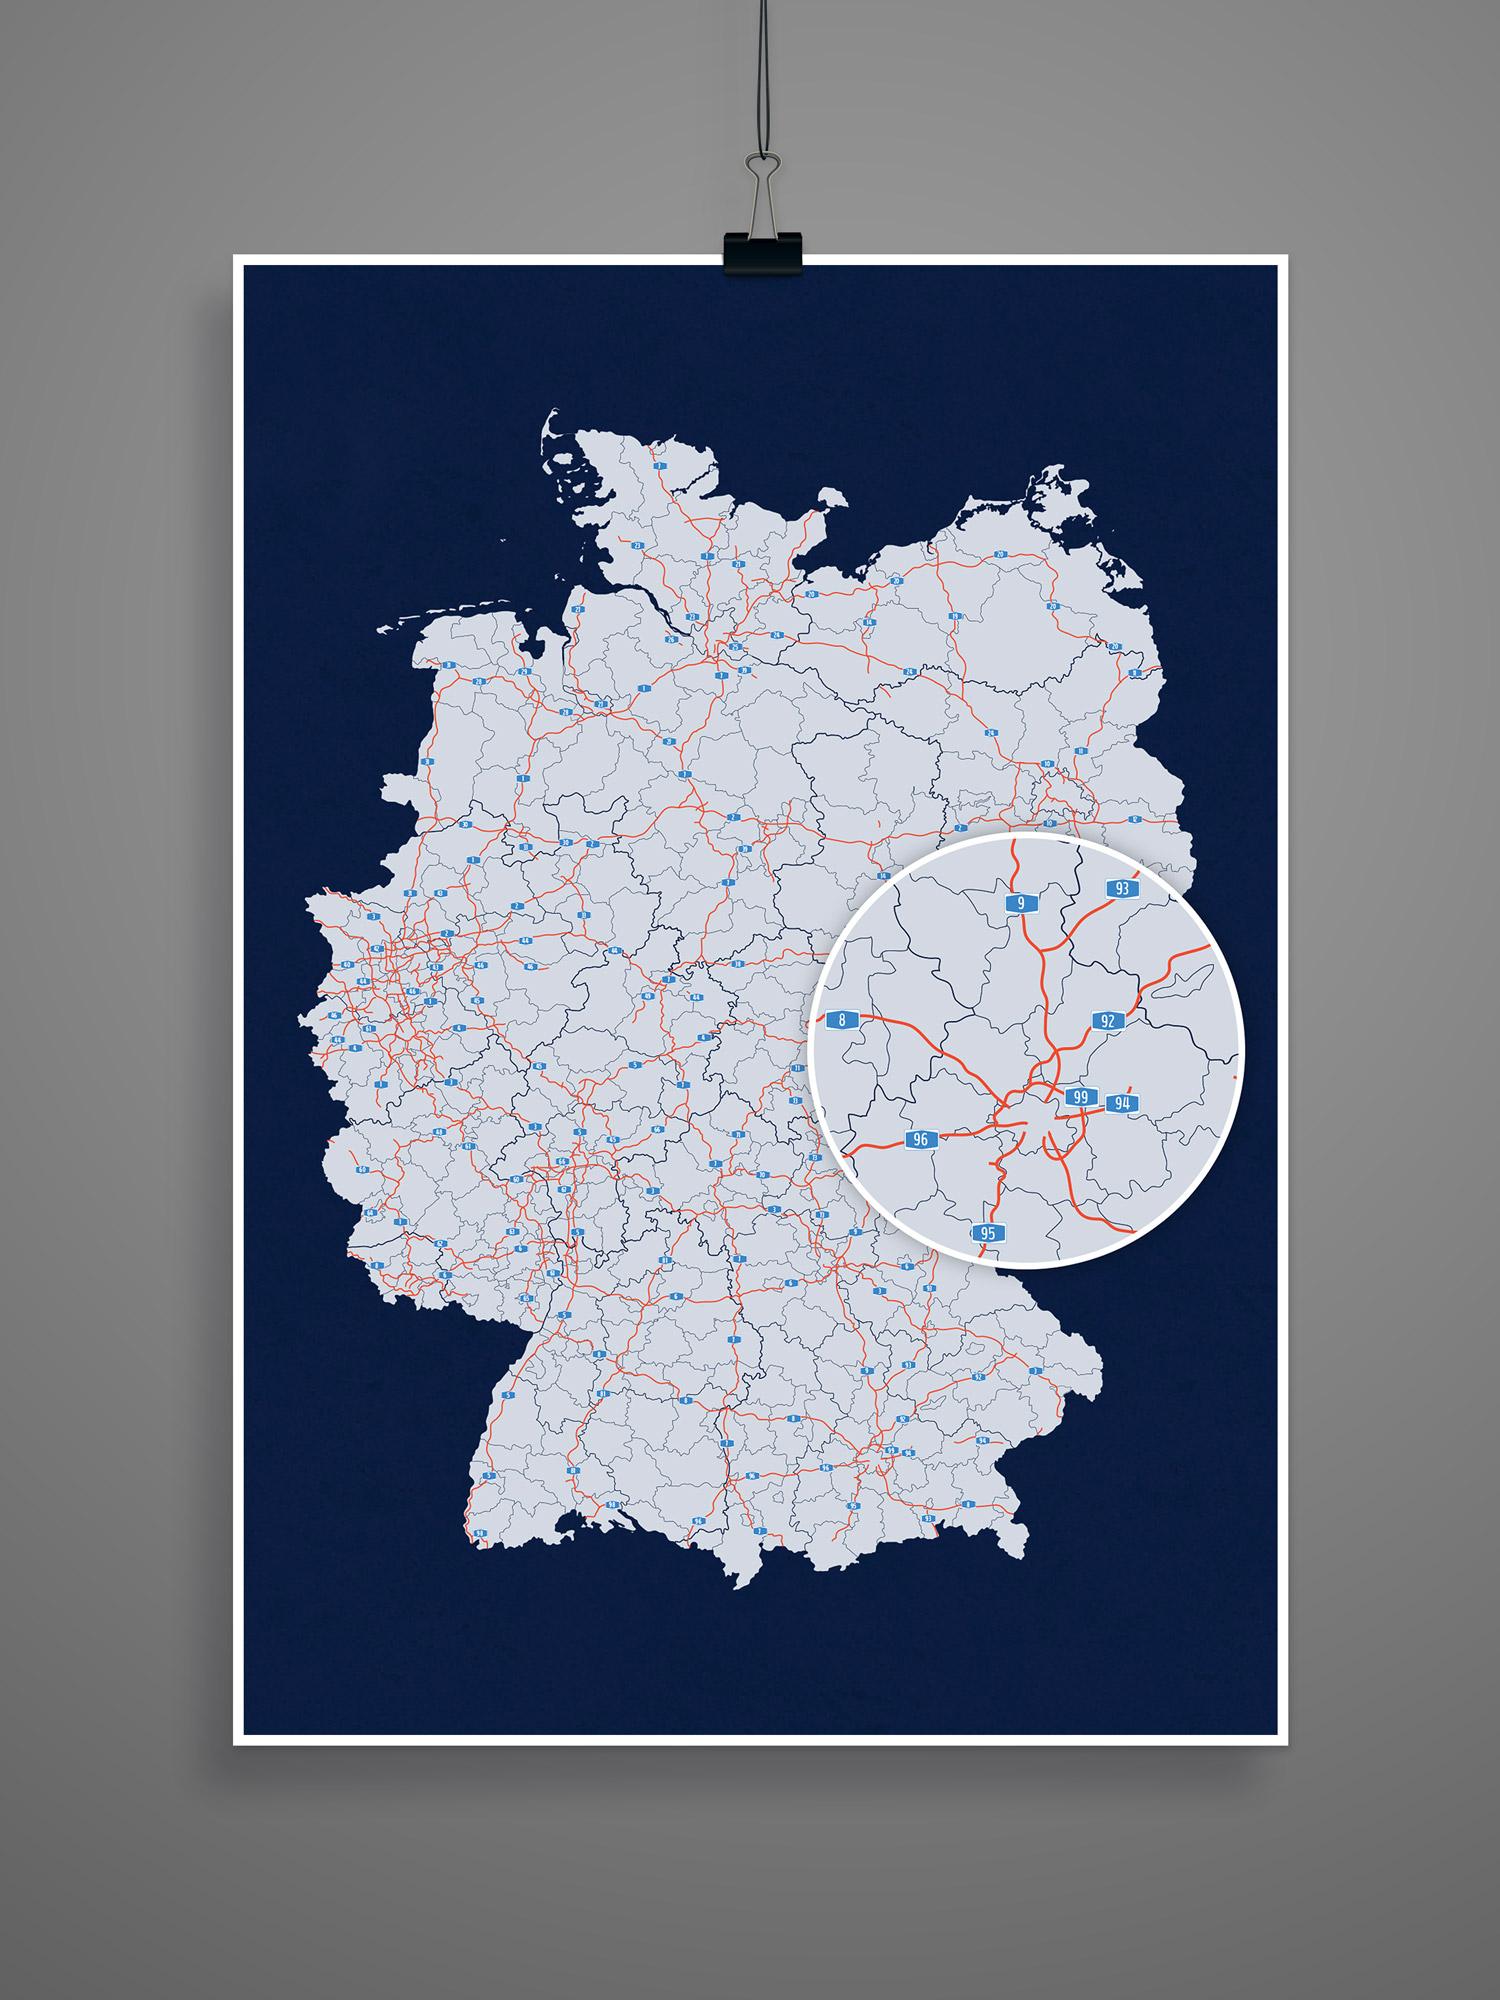 Vektorbasierte Deutschlandkarte mit Bundesländern, Landkreisen und Autobahnen